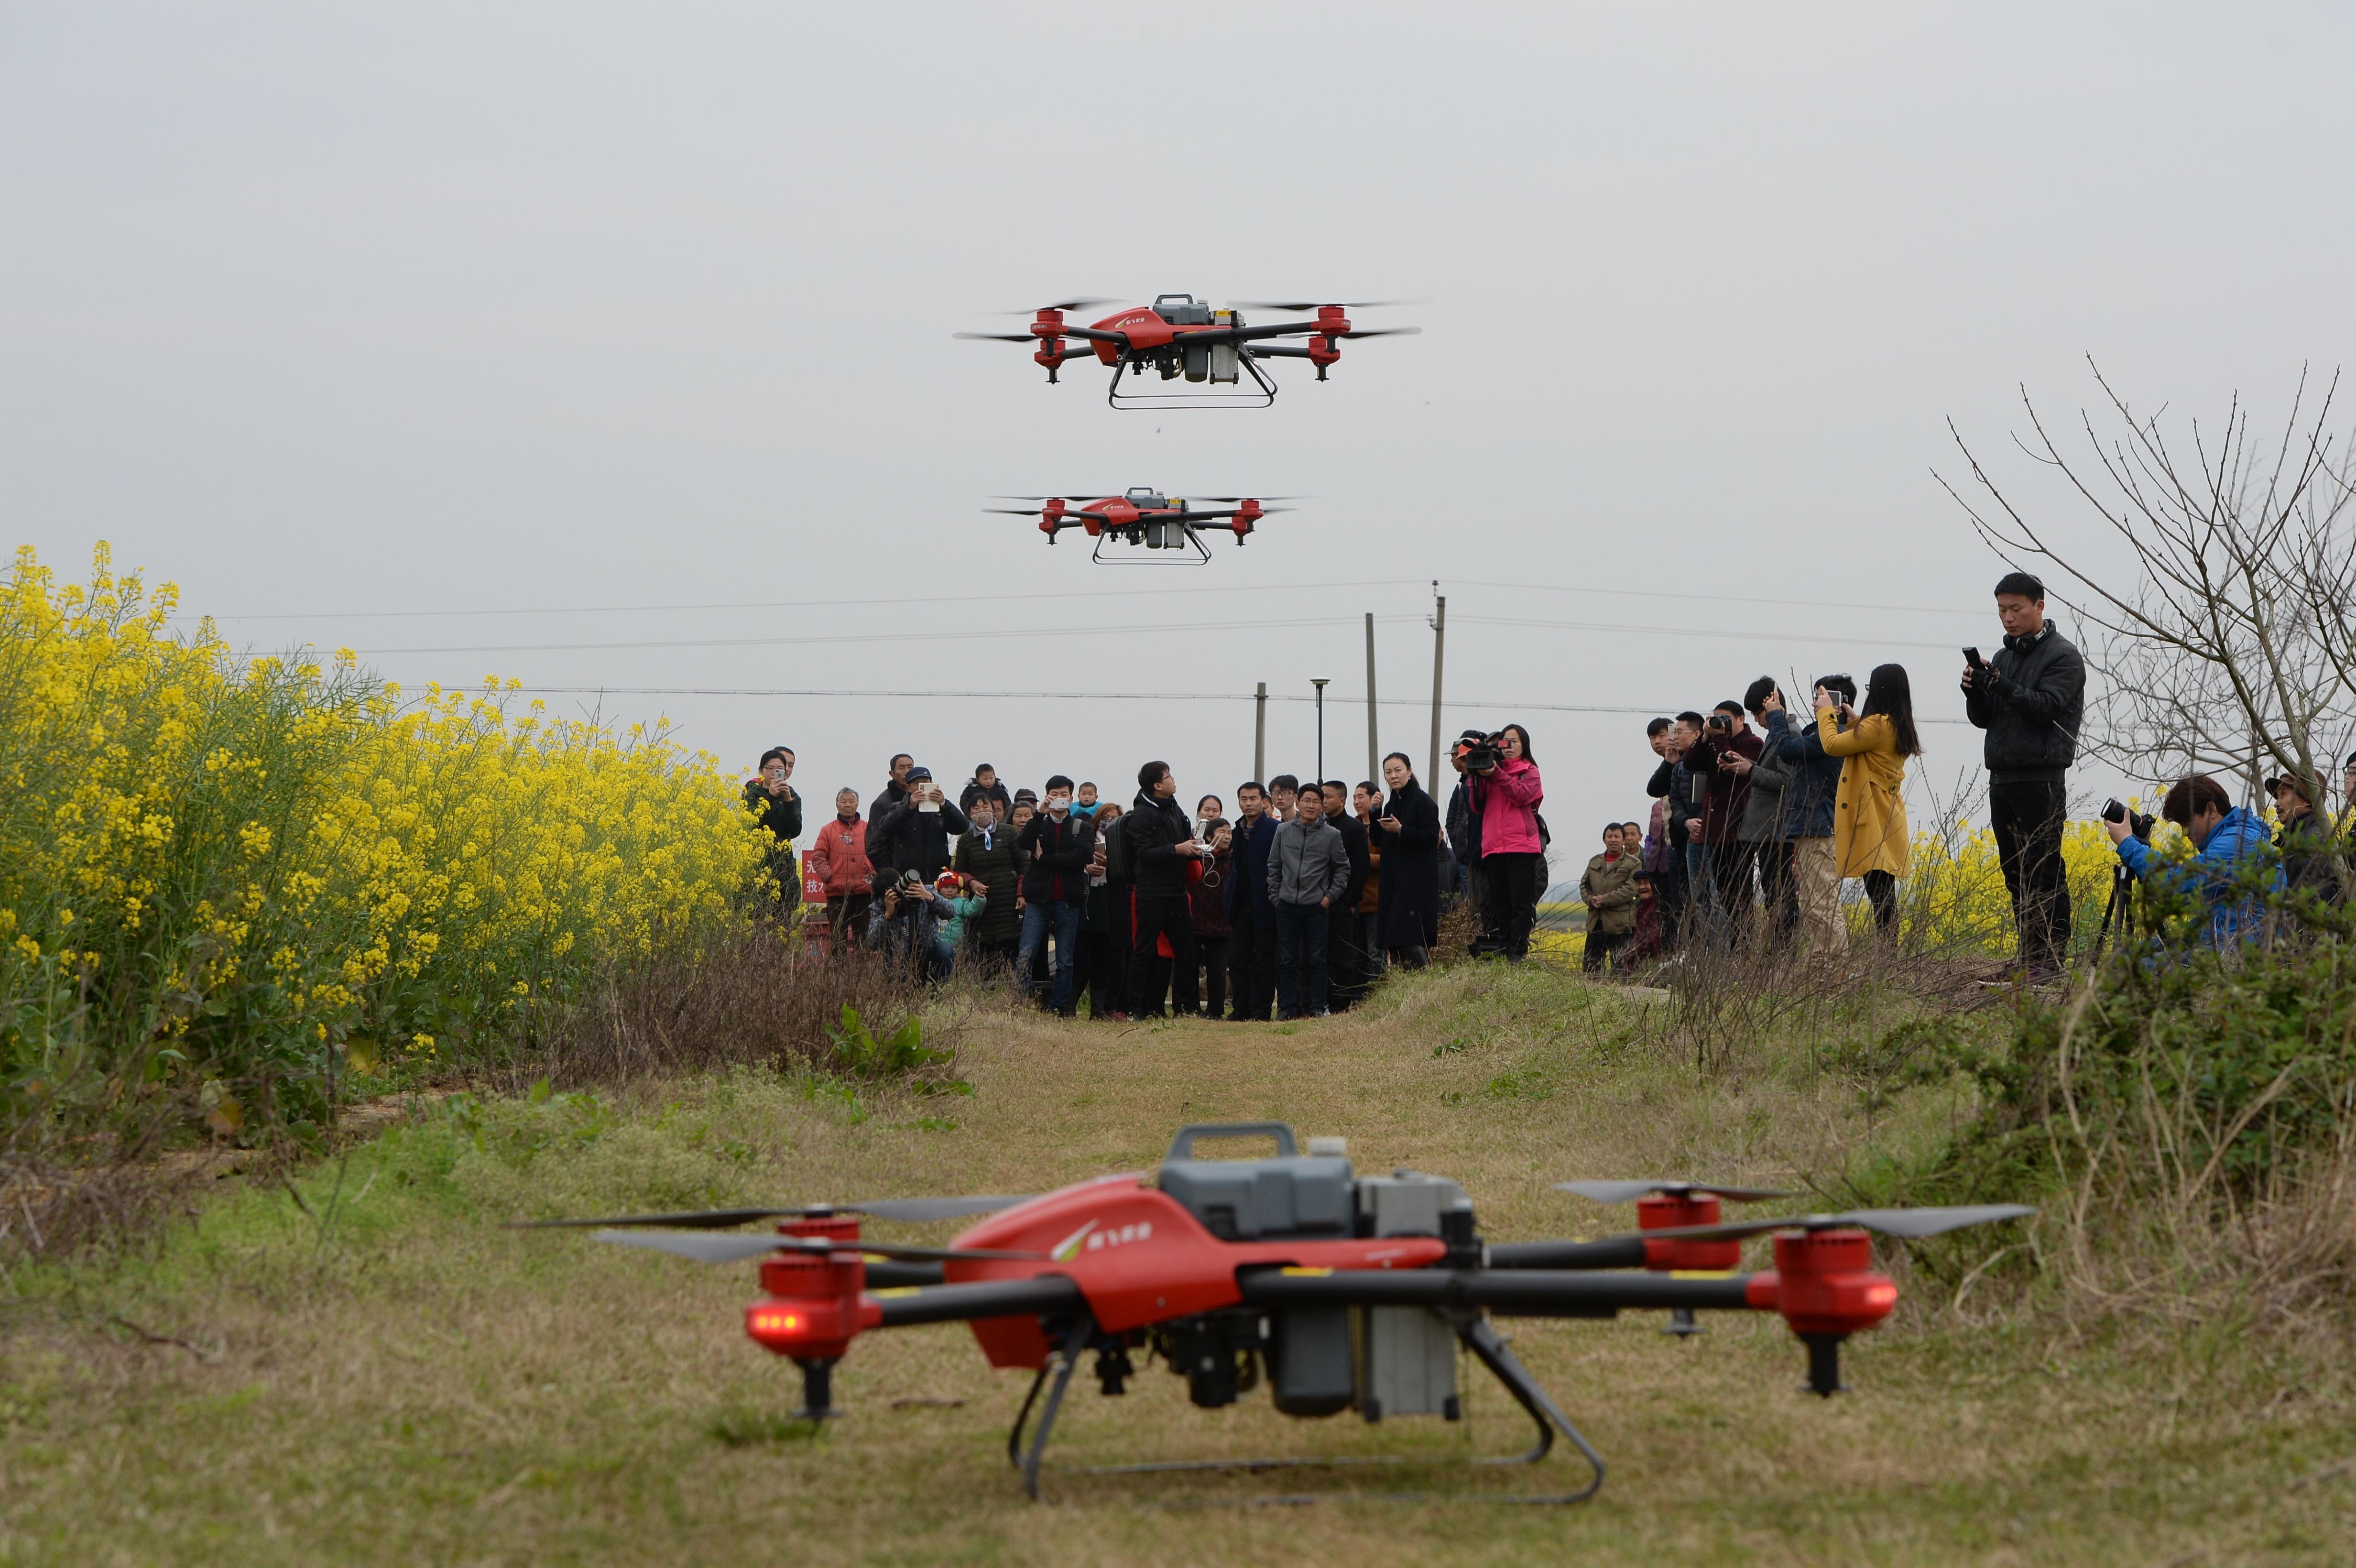 江西农村的油菜花田里,惊现一群无人机,引发村民围观。